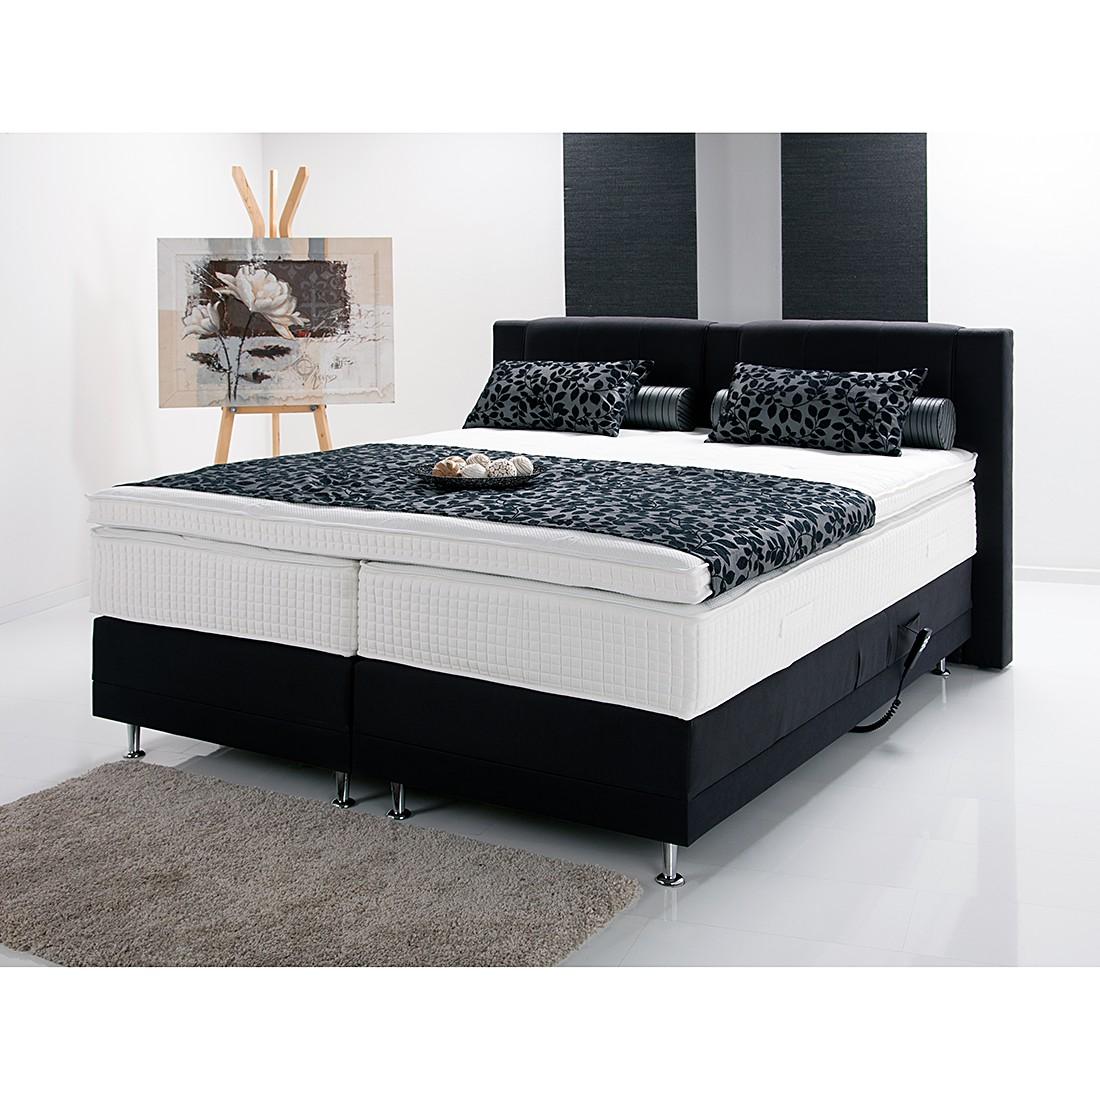 Boxspringbett Modern Art ~   Textil Style modern Lieferzeit 7 Wochen Energieeffiziensklasse